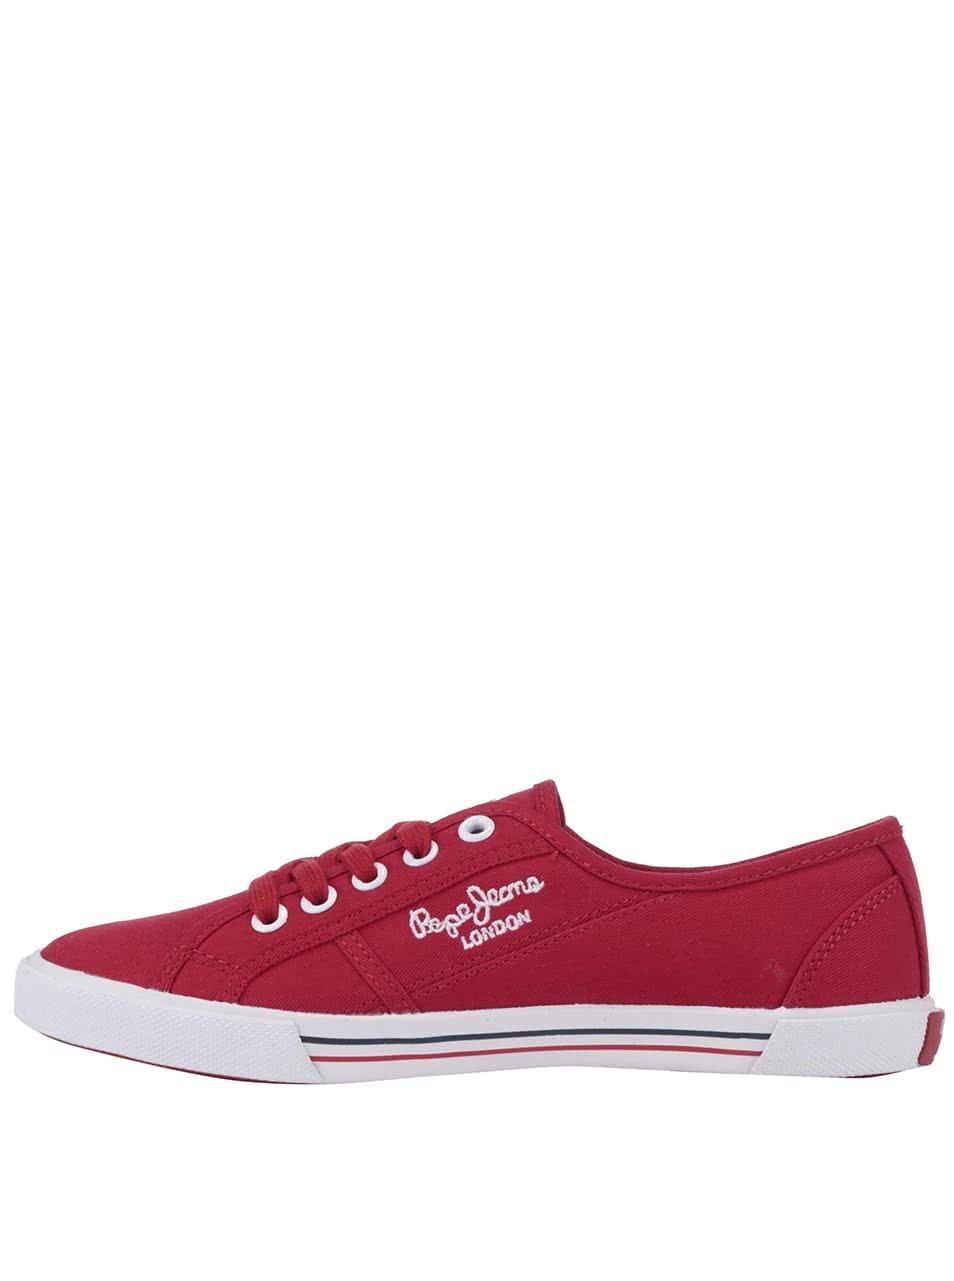 Červené dámské tenisky Pepe Jeans ... 67f1c75d92